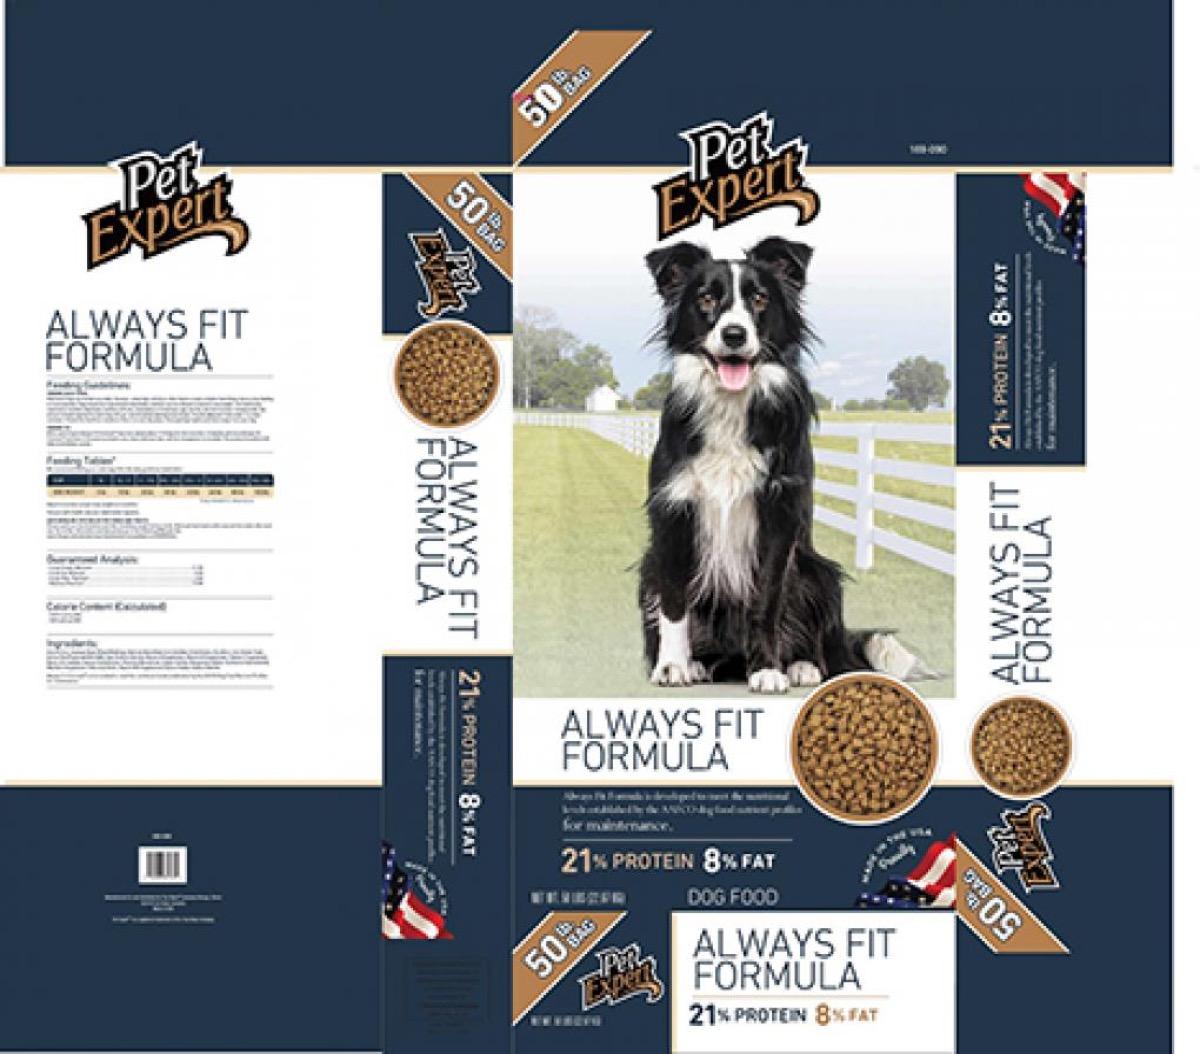 pet expert dog food